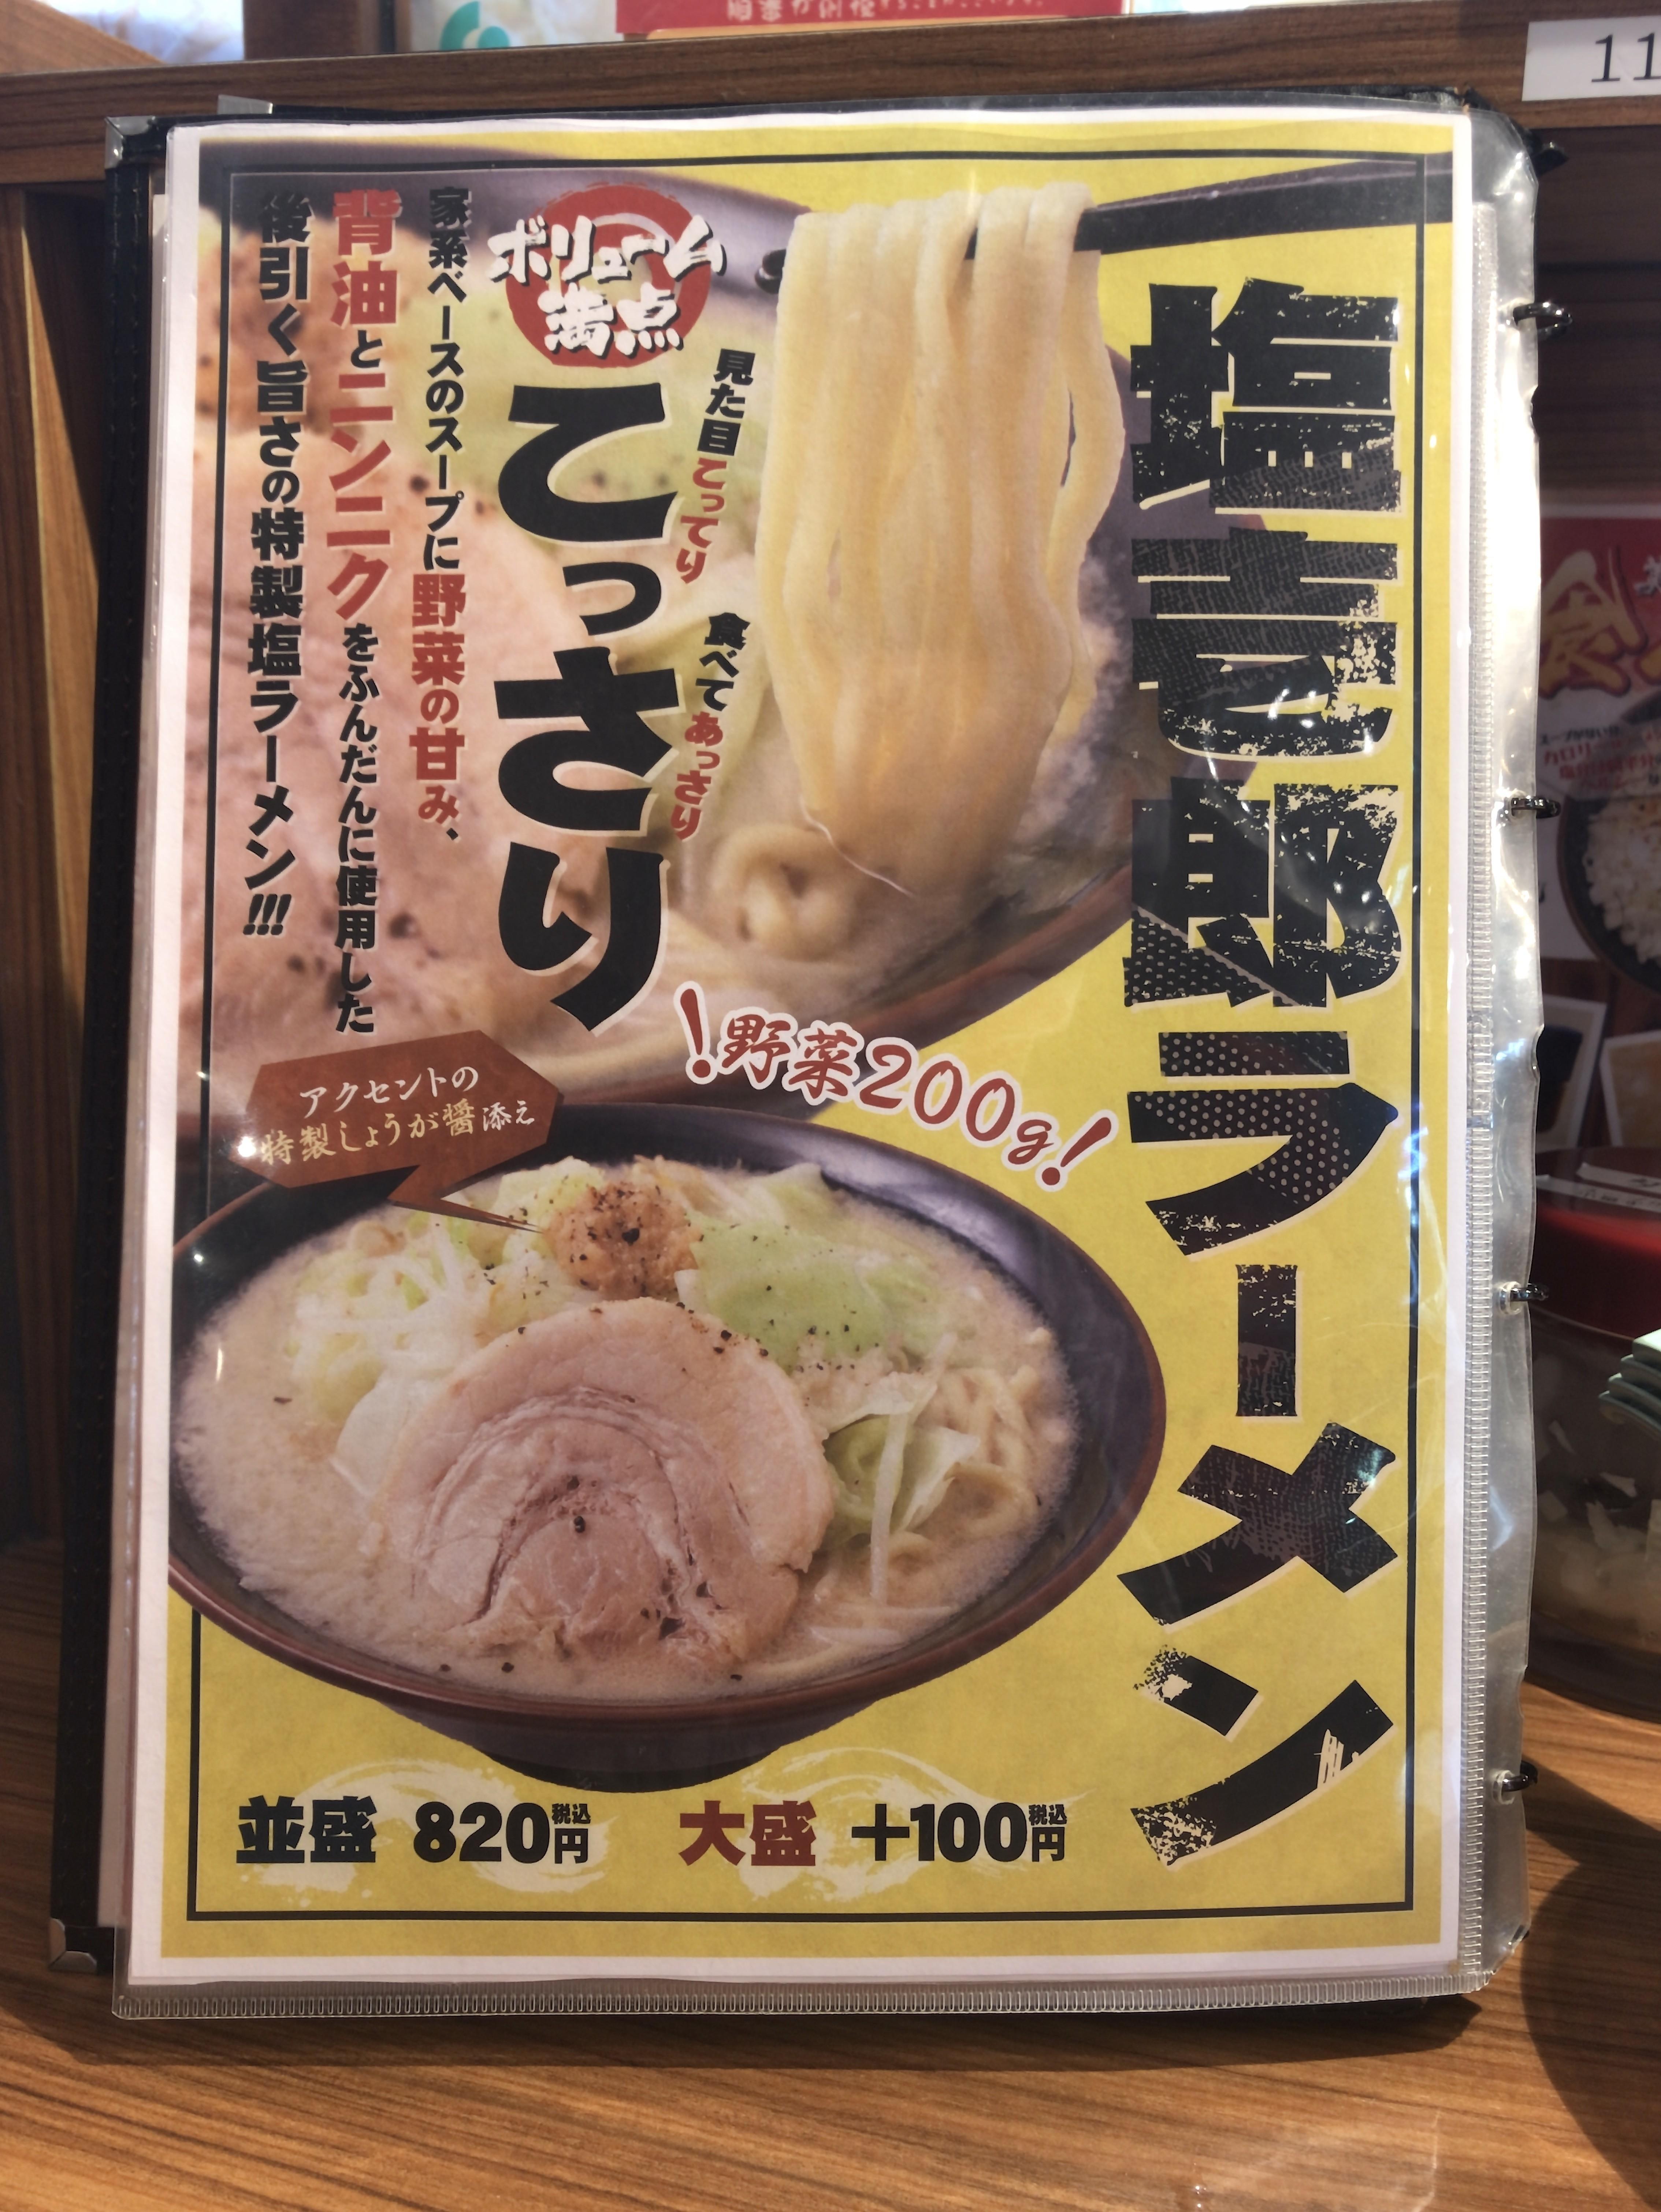 壱角家 塩壱郎ラーメン メニュー